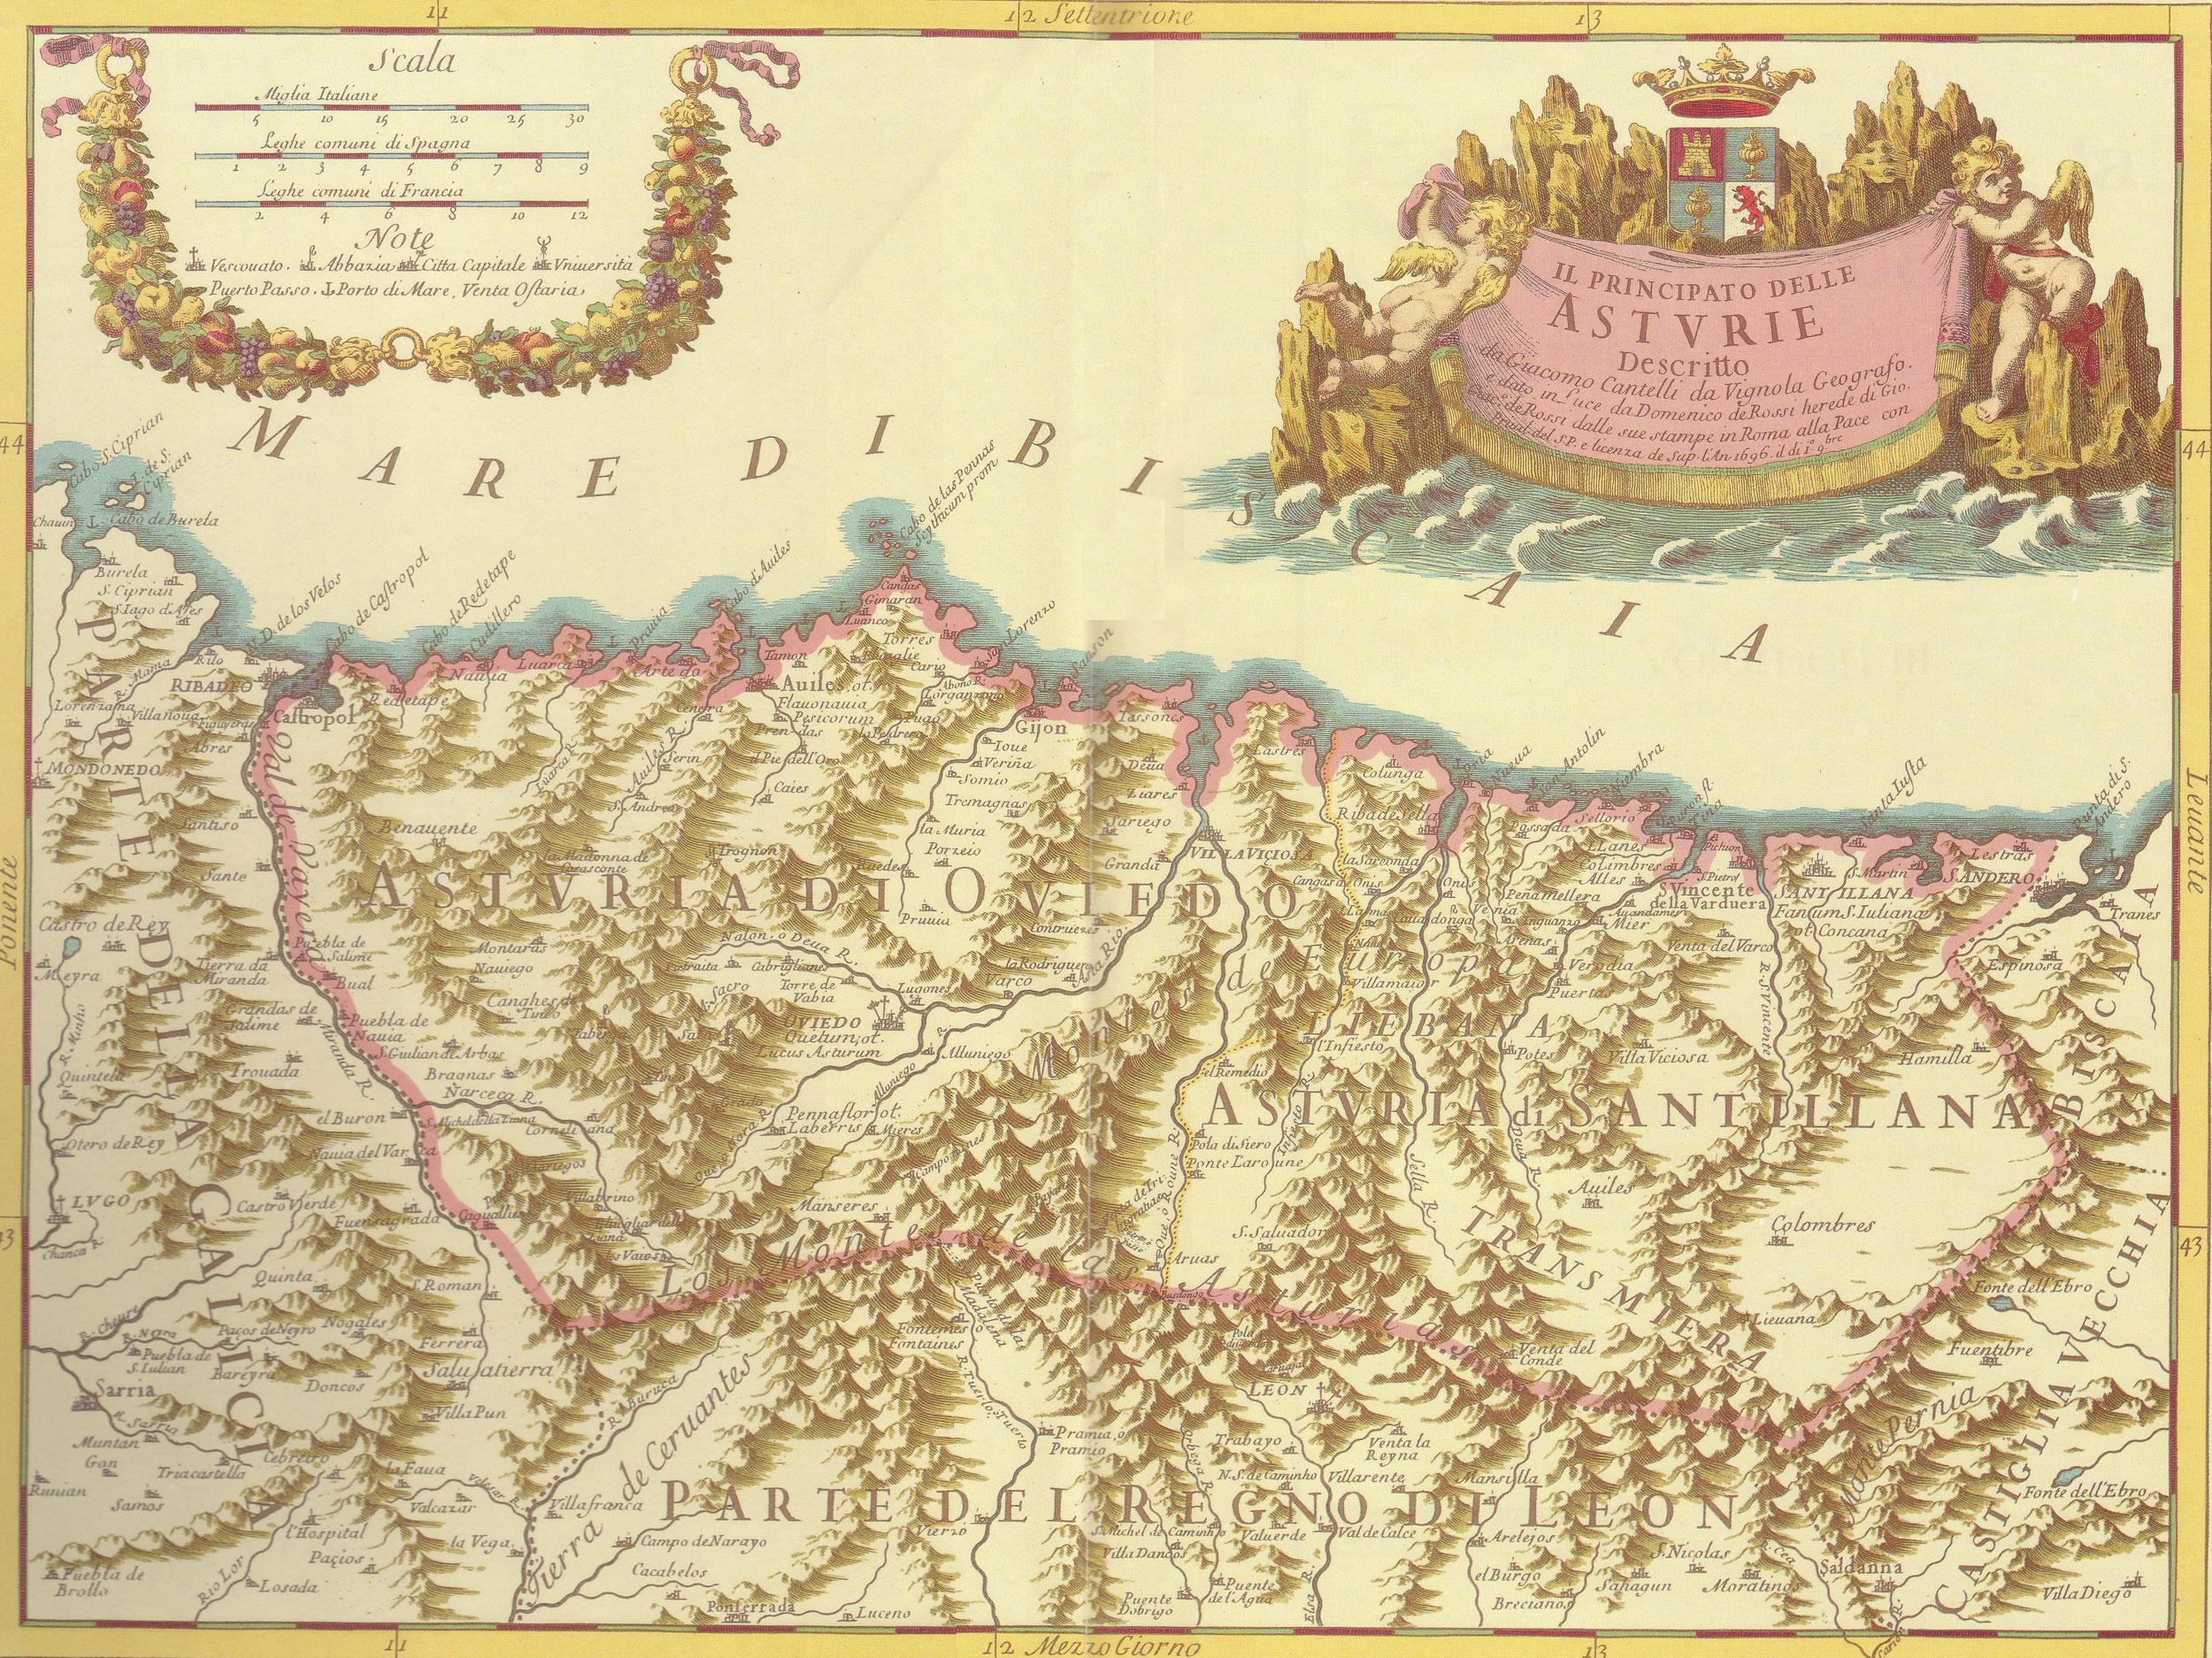 Territórios galegos fora da CAG - Página 3 Asturias_de_oviedo_santillana